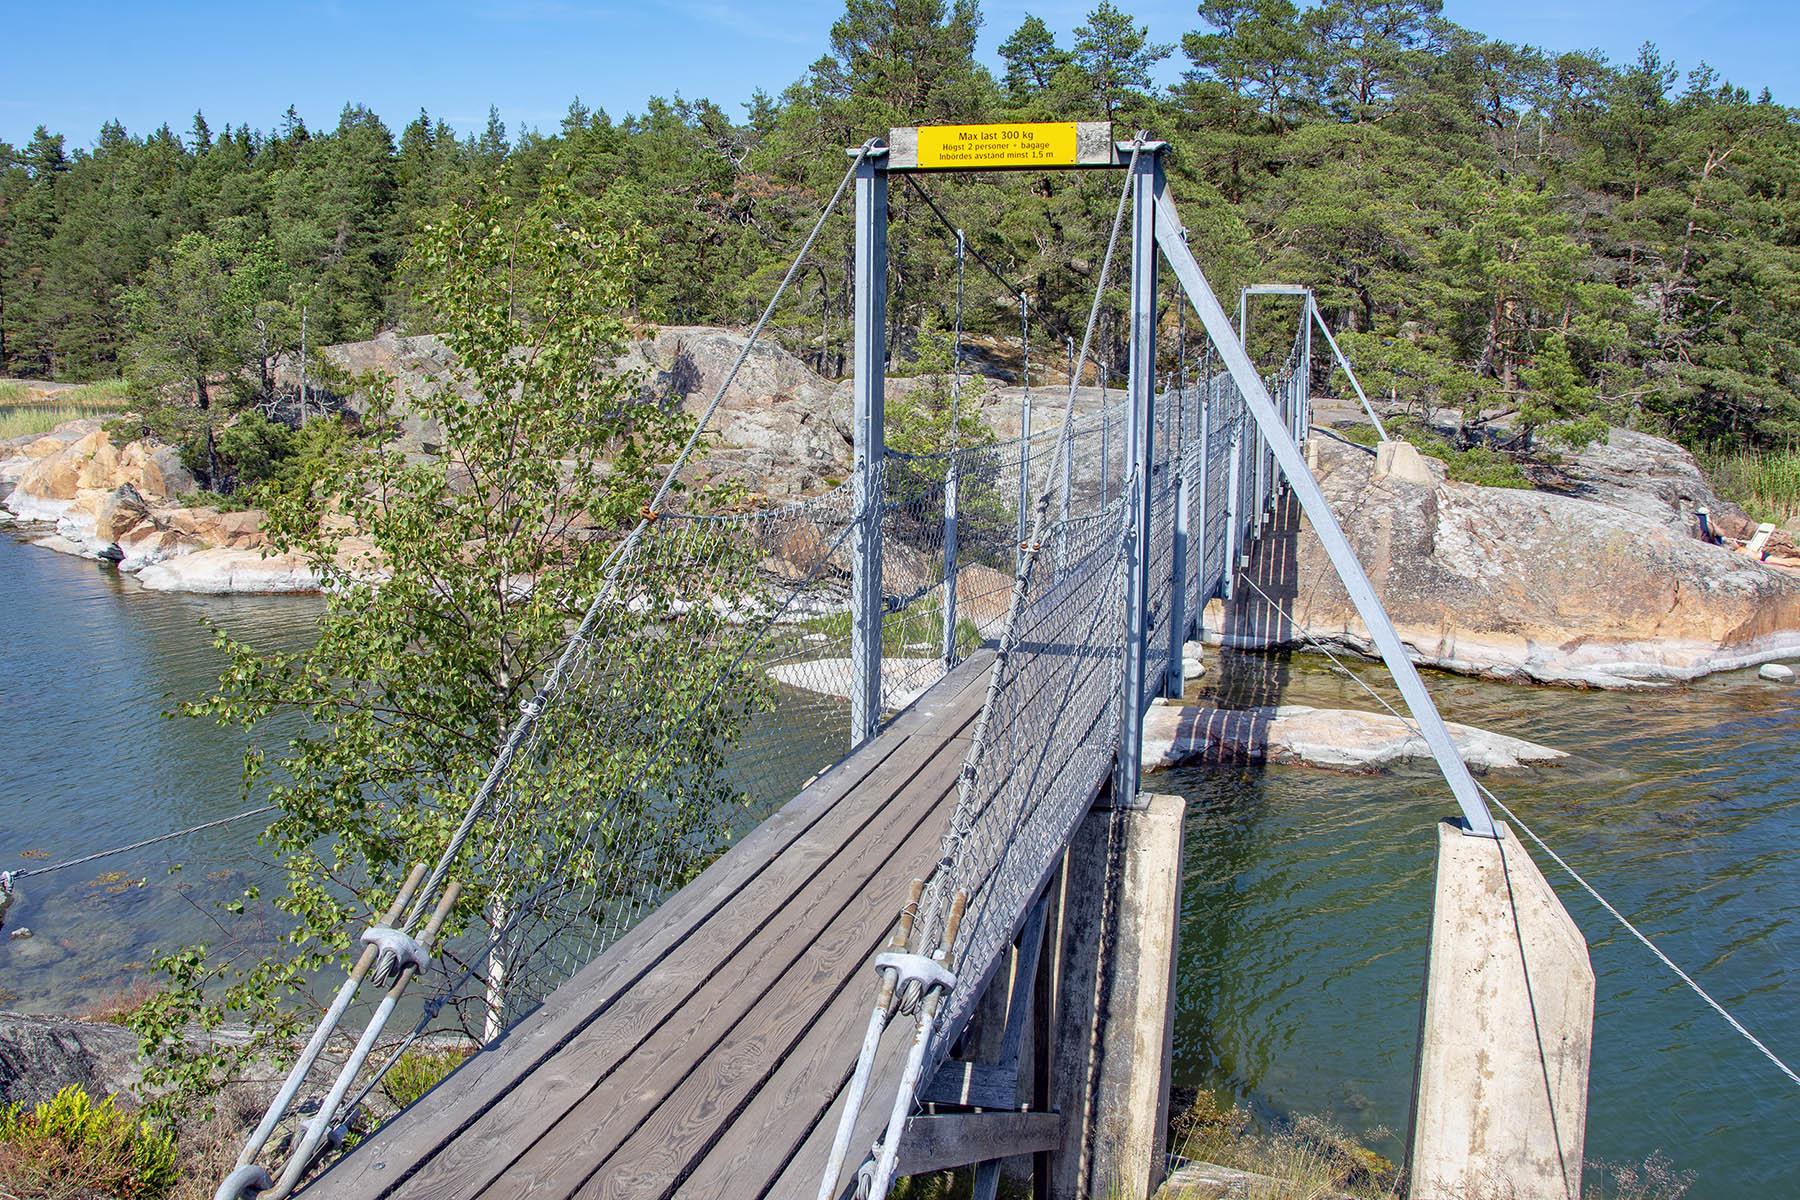 Stendörrens naturreservat Hängbro Äspskär